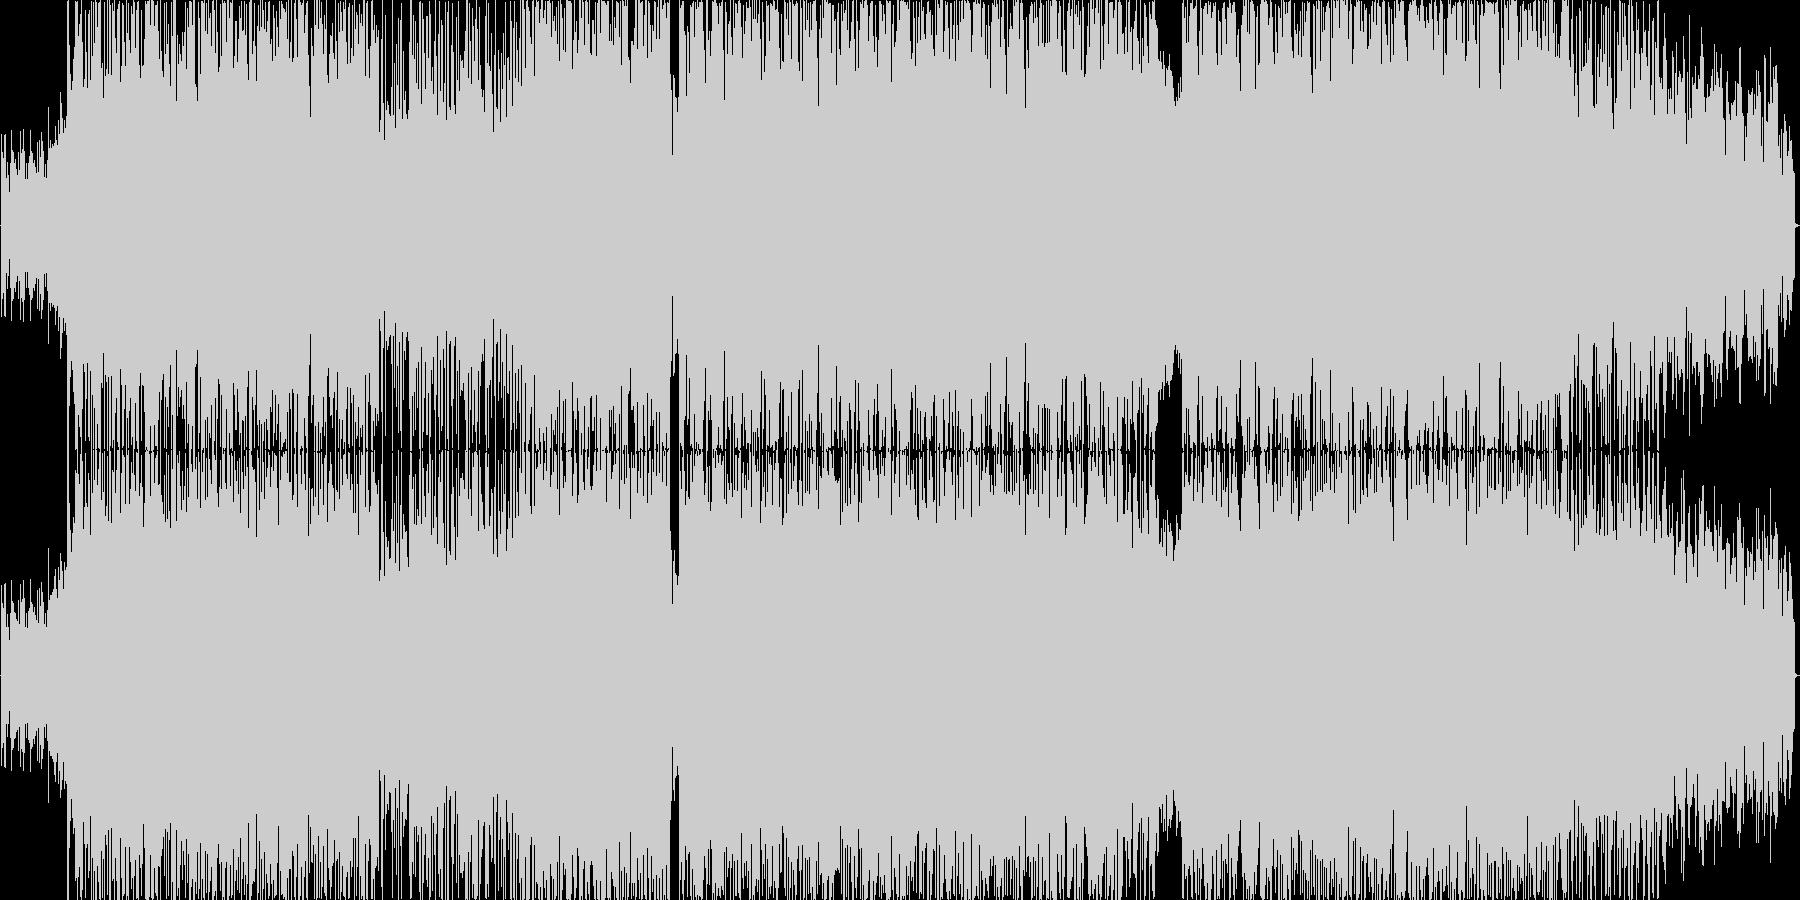 ファンキッシュなギターカッティングとリ…の未再生の波形